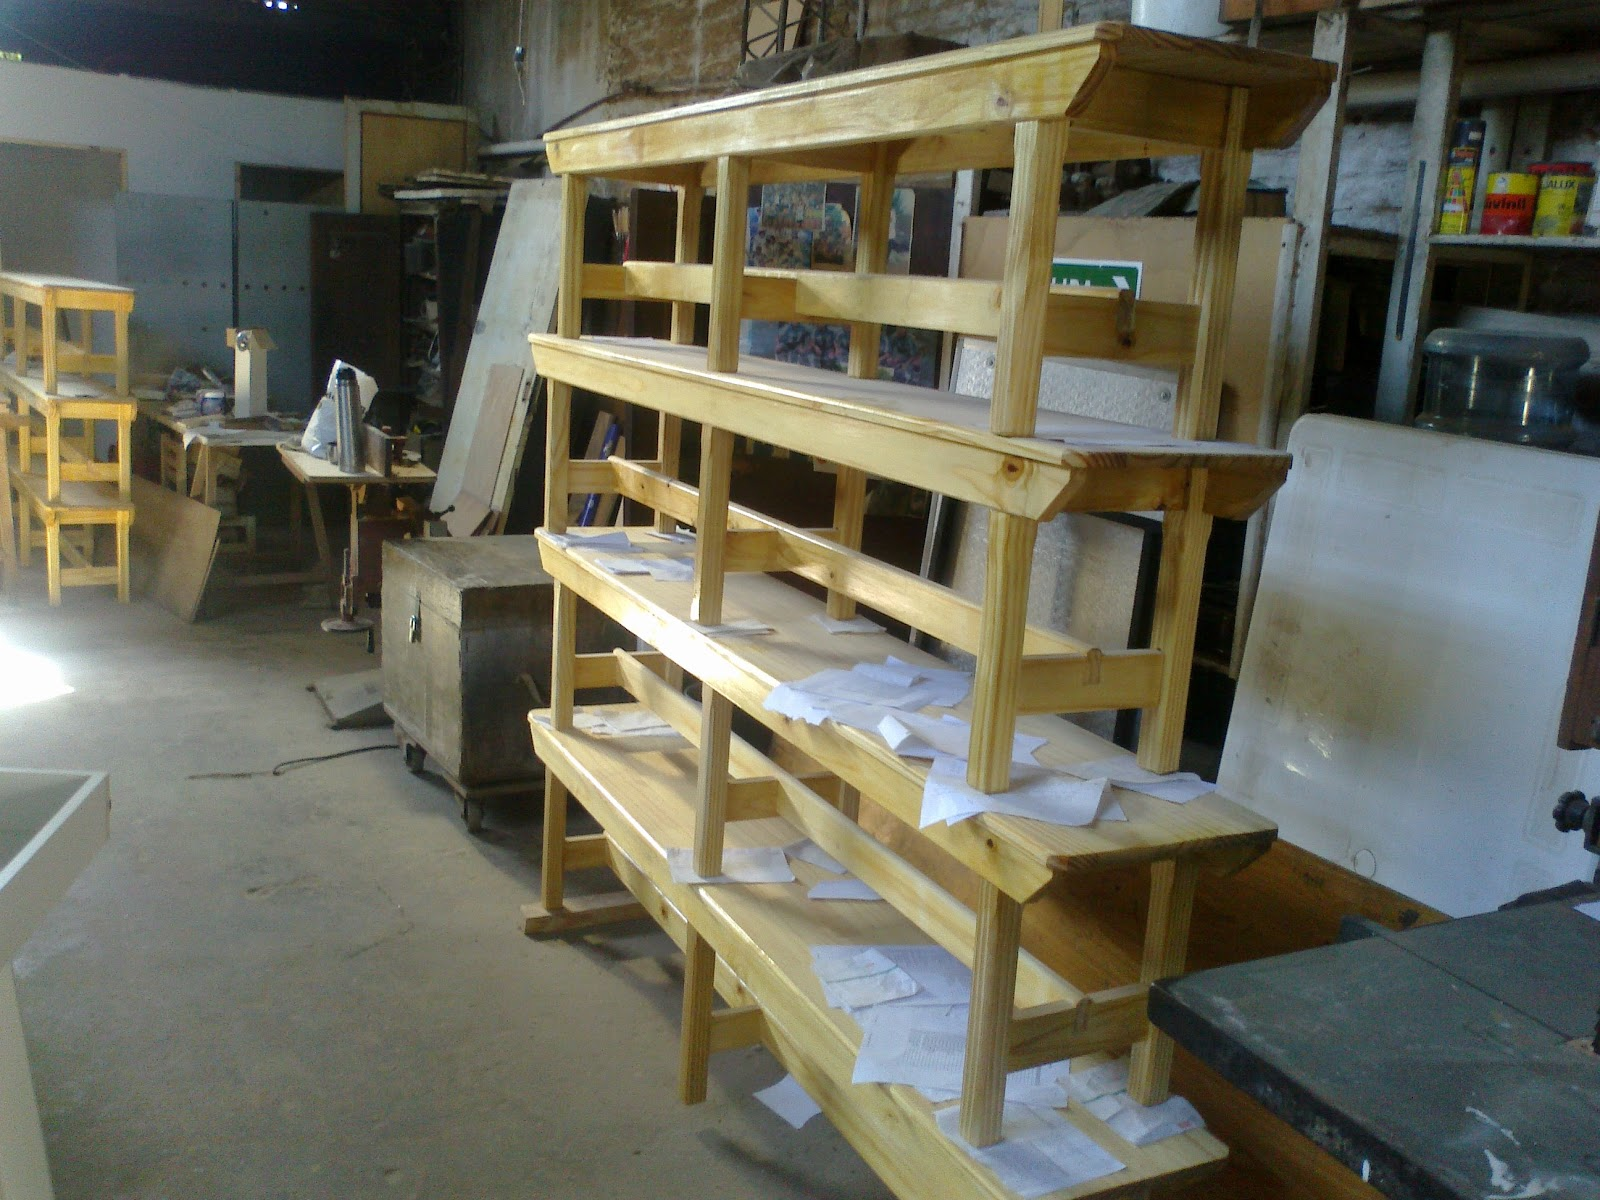 Proyectos Productivos ETIS: Bancos y mesas para comedores escolares ...